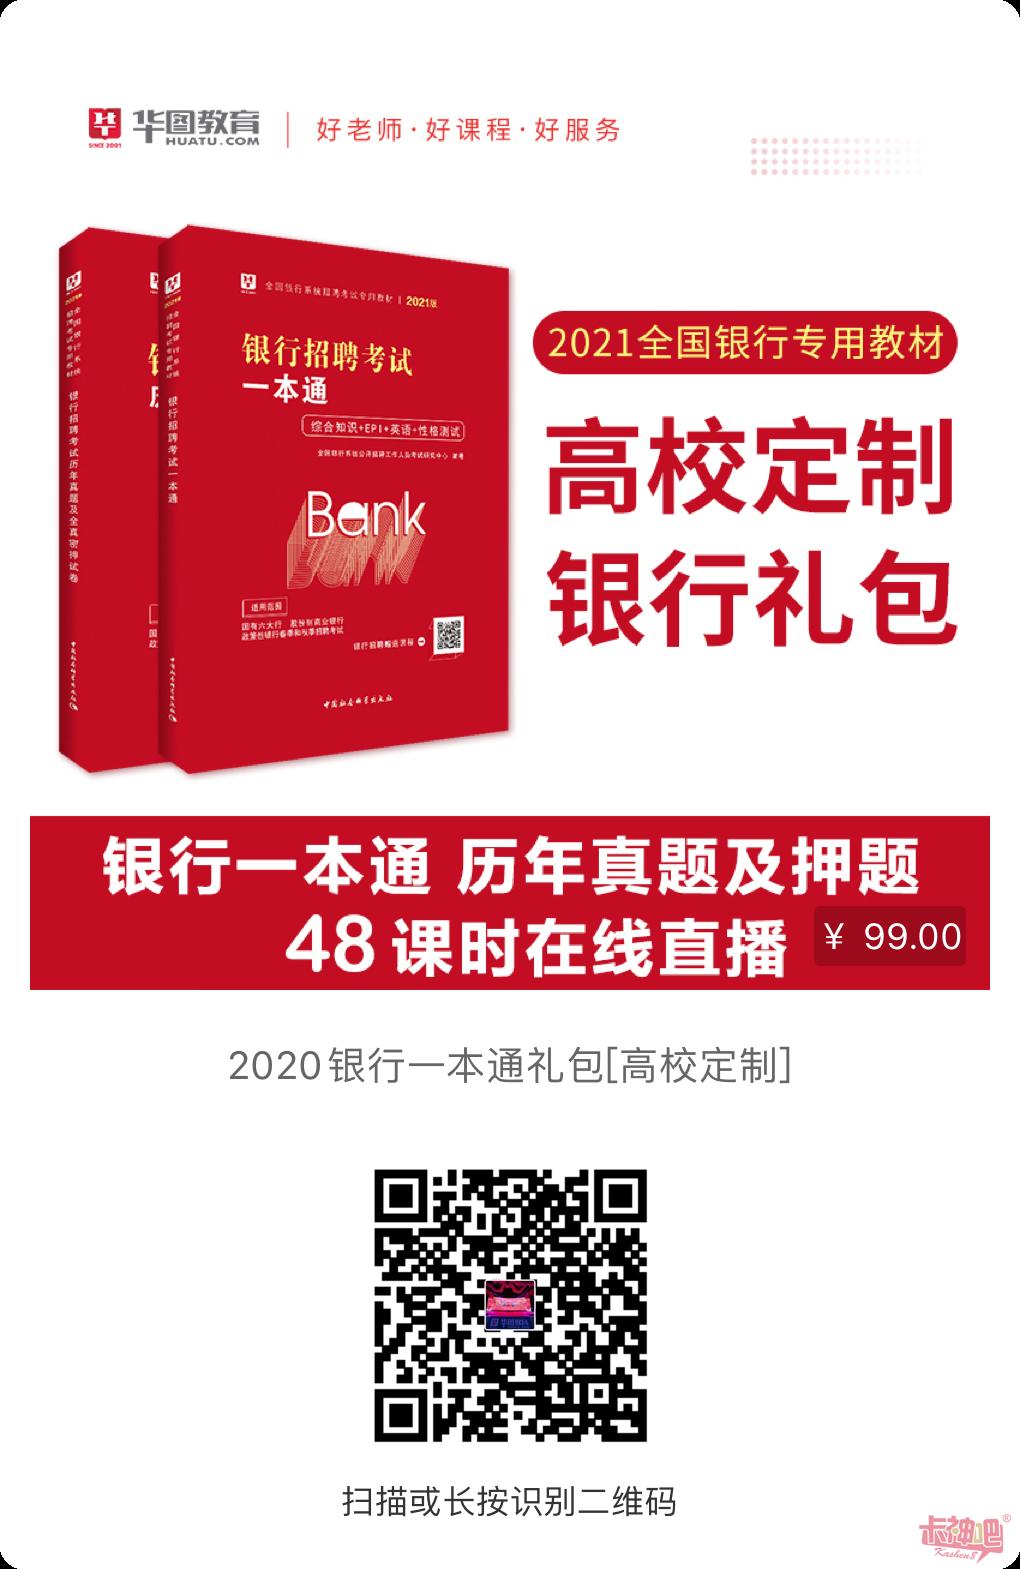 华夏银行海口分行个人信贷部招聘公告